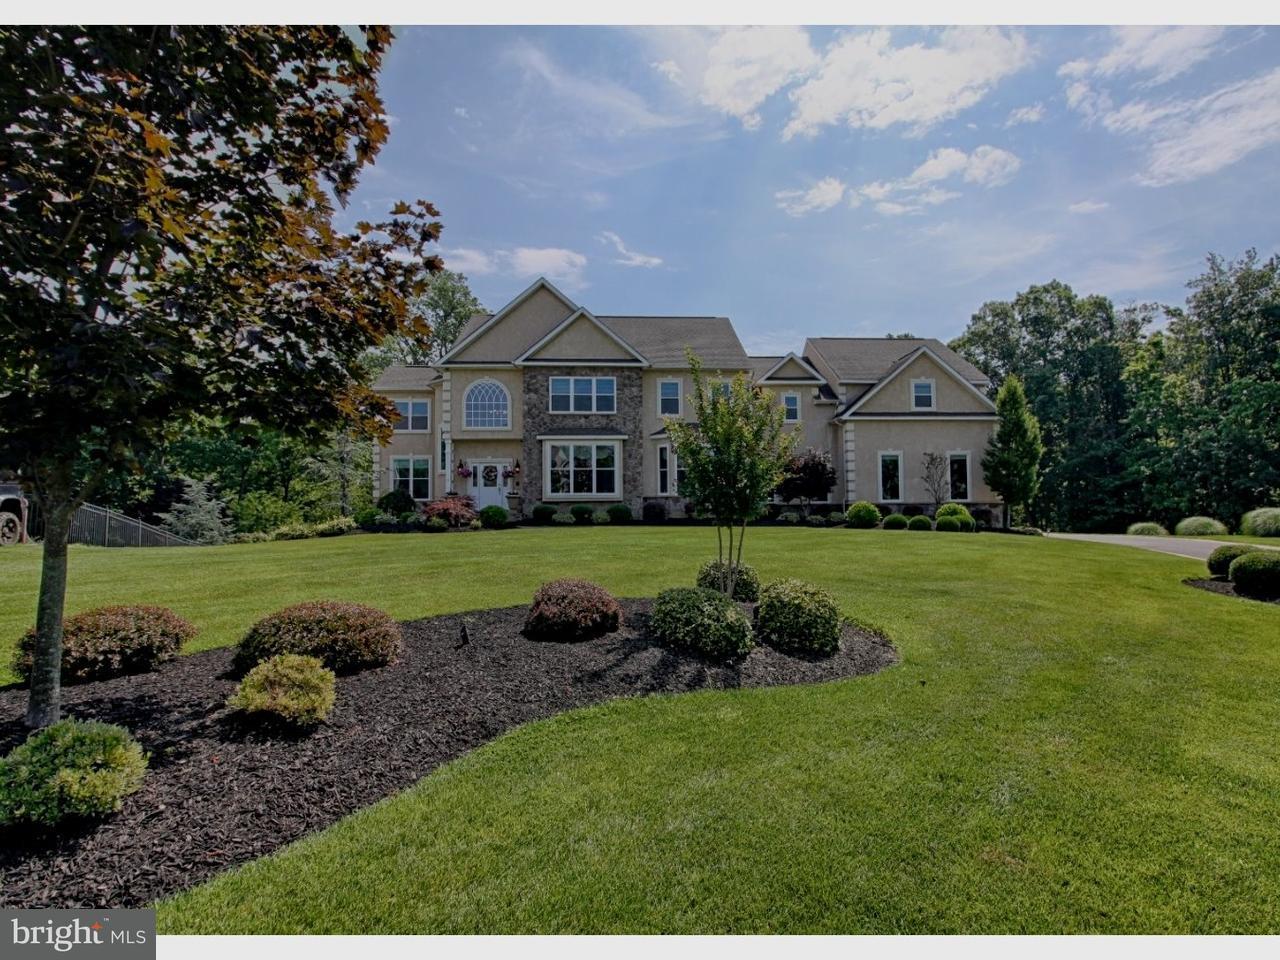 Частный односемейный дом для того Аренда на 111 PANCOAST Place Mullica Hill, Нью-Джерси 08062 Соединенные Штаты